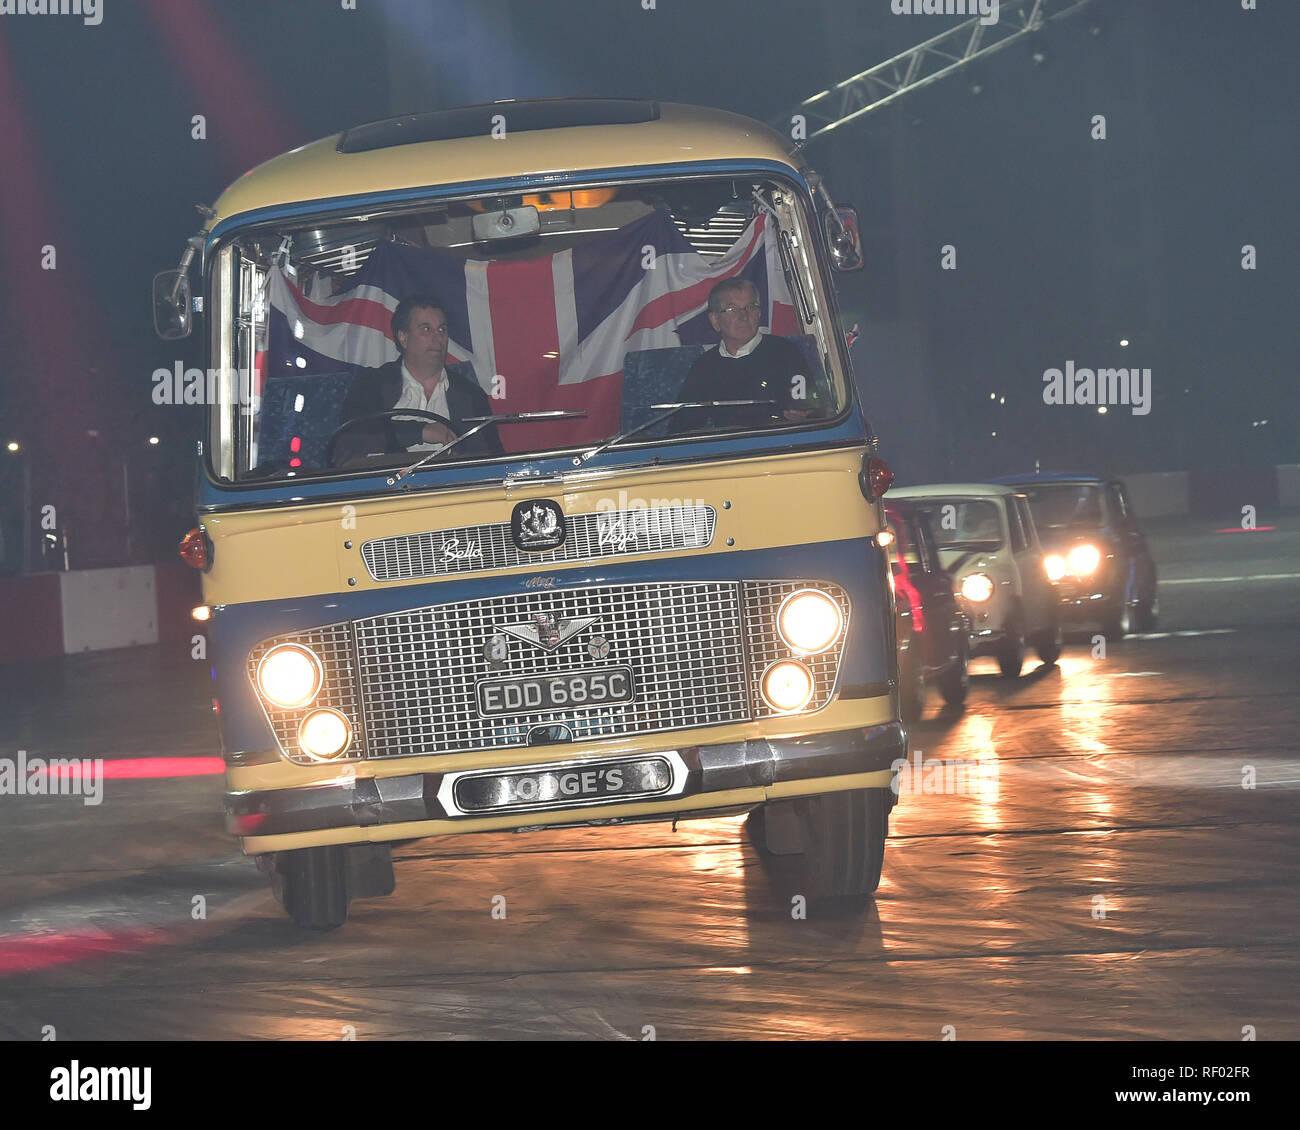 Bedford SB Duple Bella Vega, der italienischen Job, Bedford Coach, trbute auf der Live Action Arena auf der Autosport International Show. Stockbild